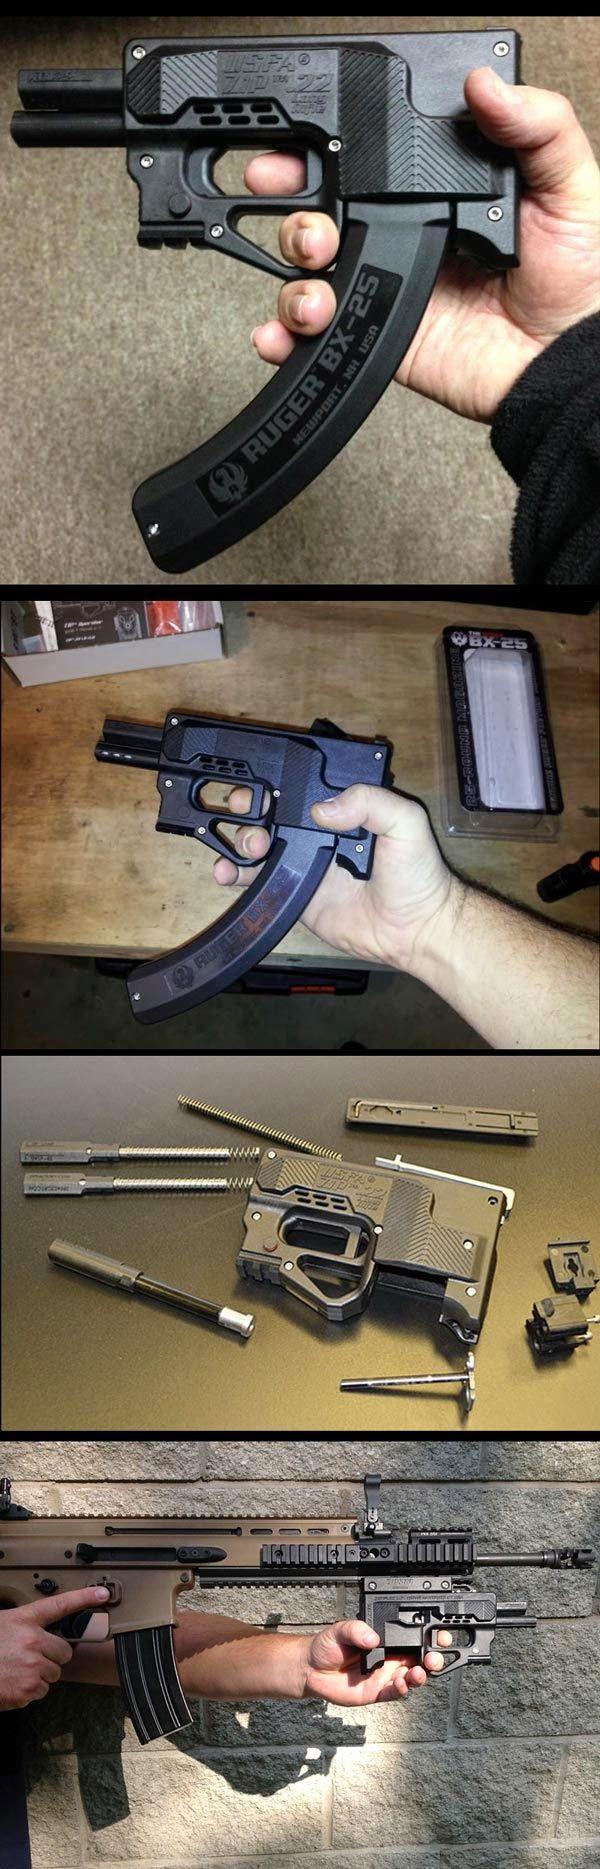 ZIP 22 : Pistol Bullpup version